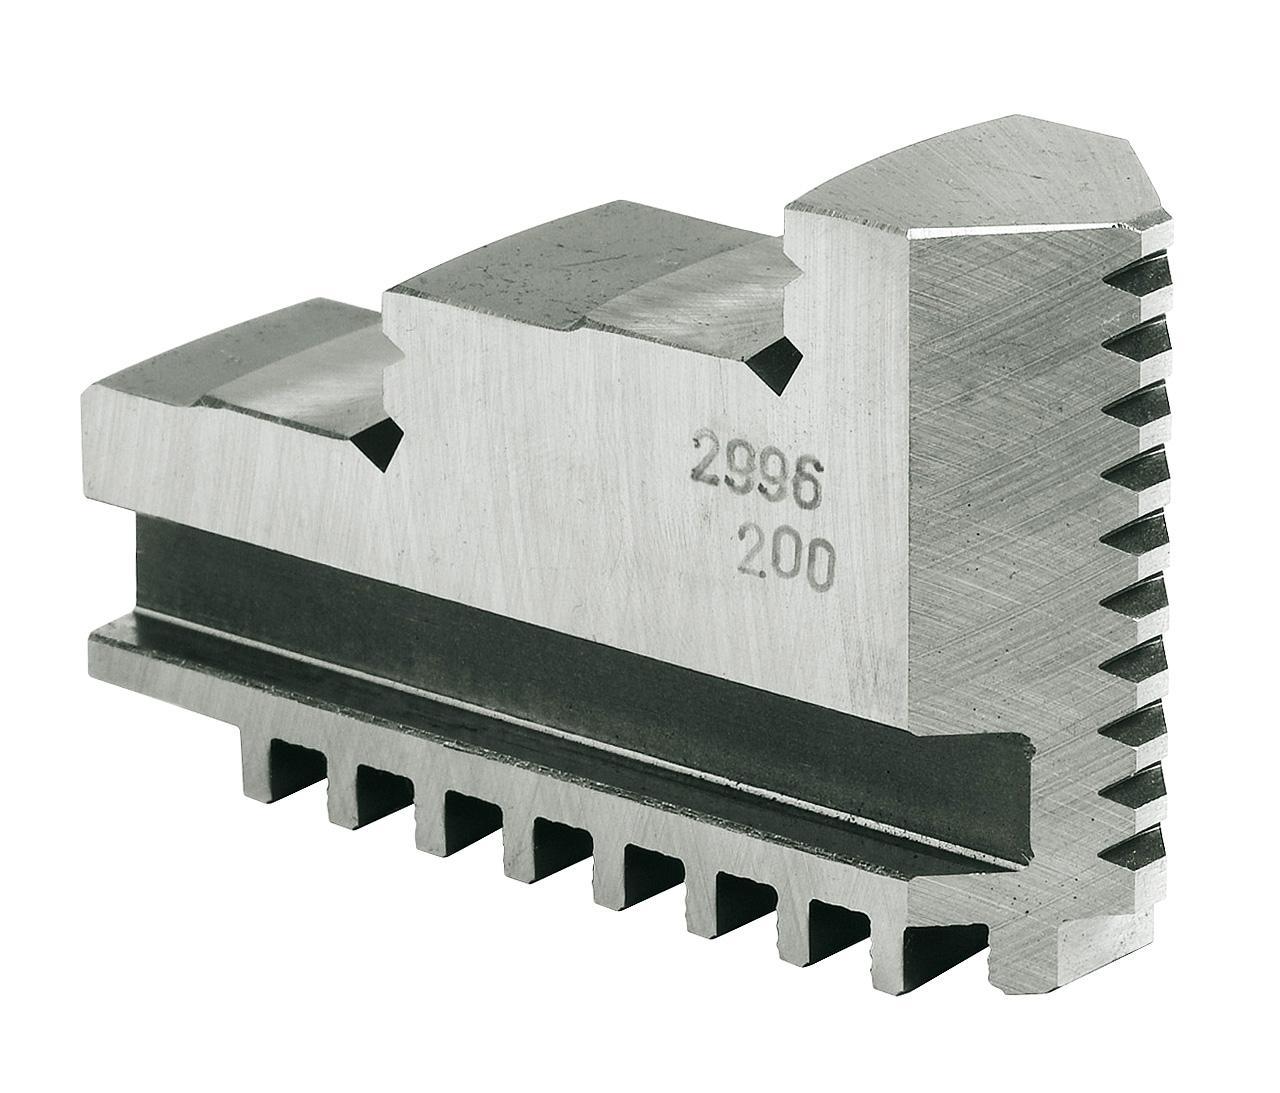 Szczęki jednolite twarde zewnętrzne - komplet DOJ-DK11-160 BERNARDO